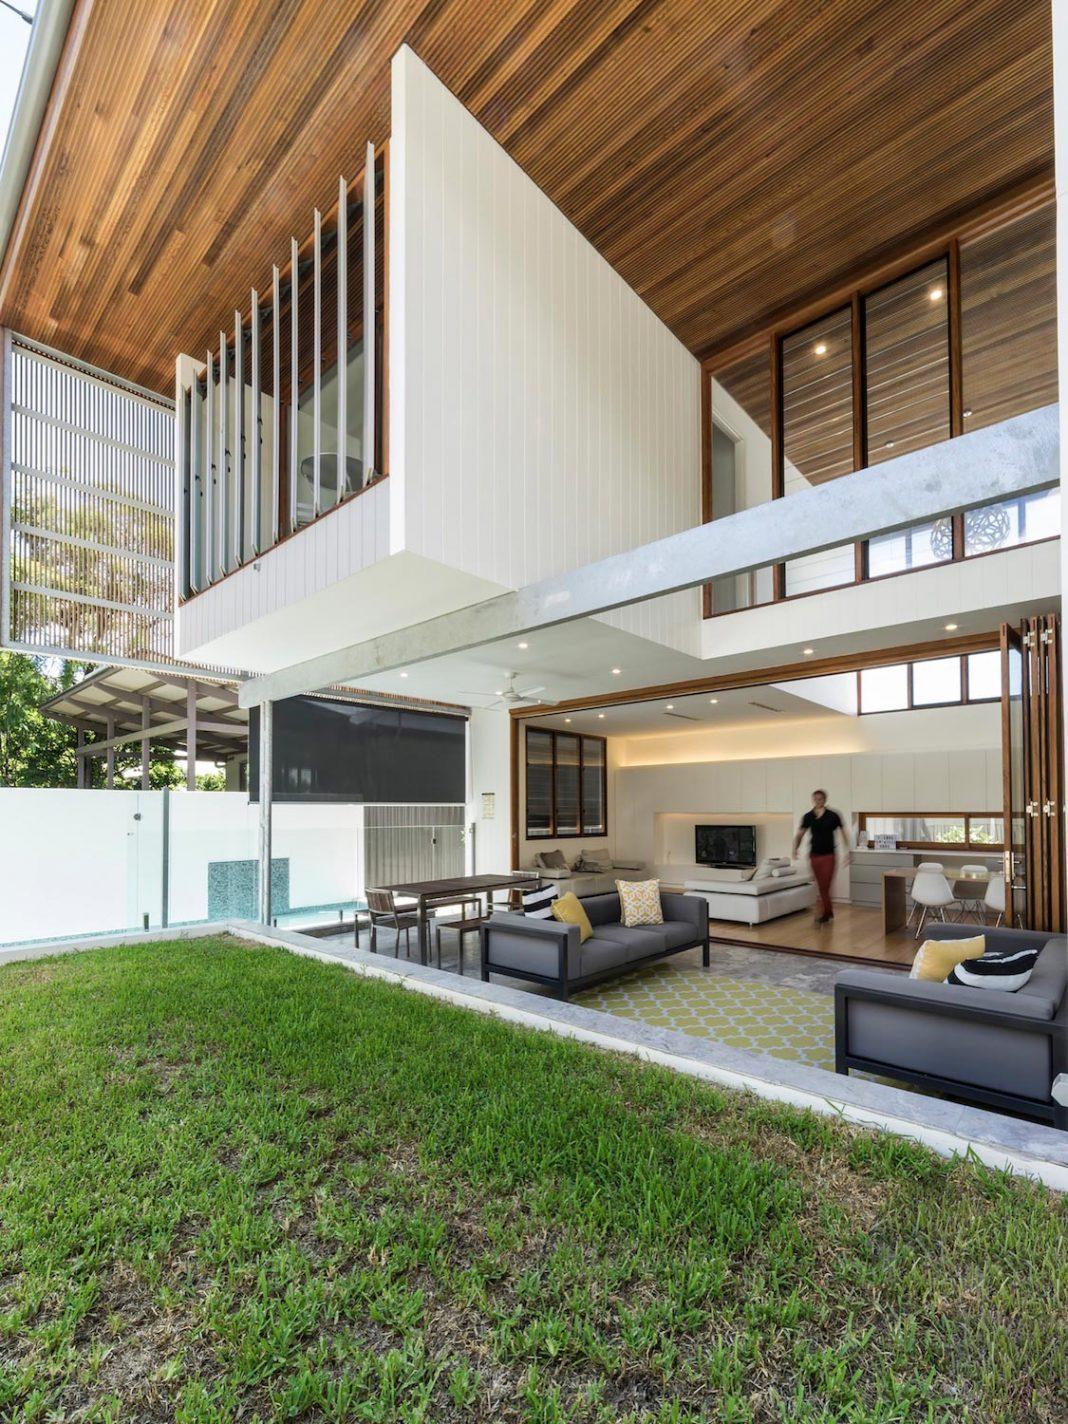 Contemporary Backyard contemporary backyard house in teneriffe, brisbanejoe adsett